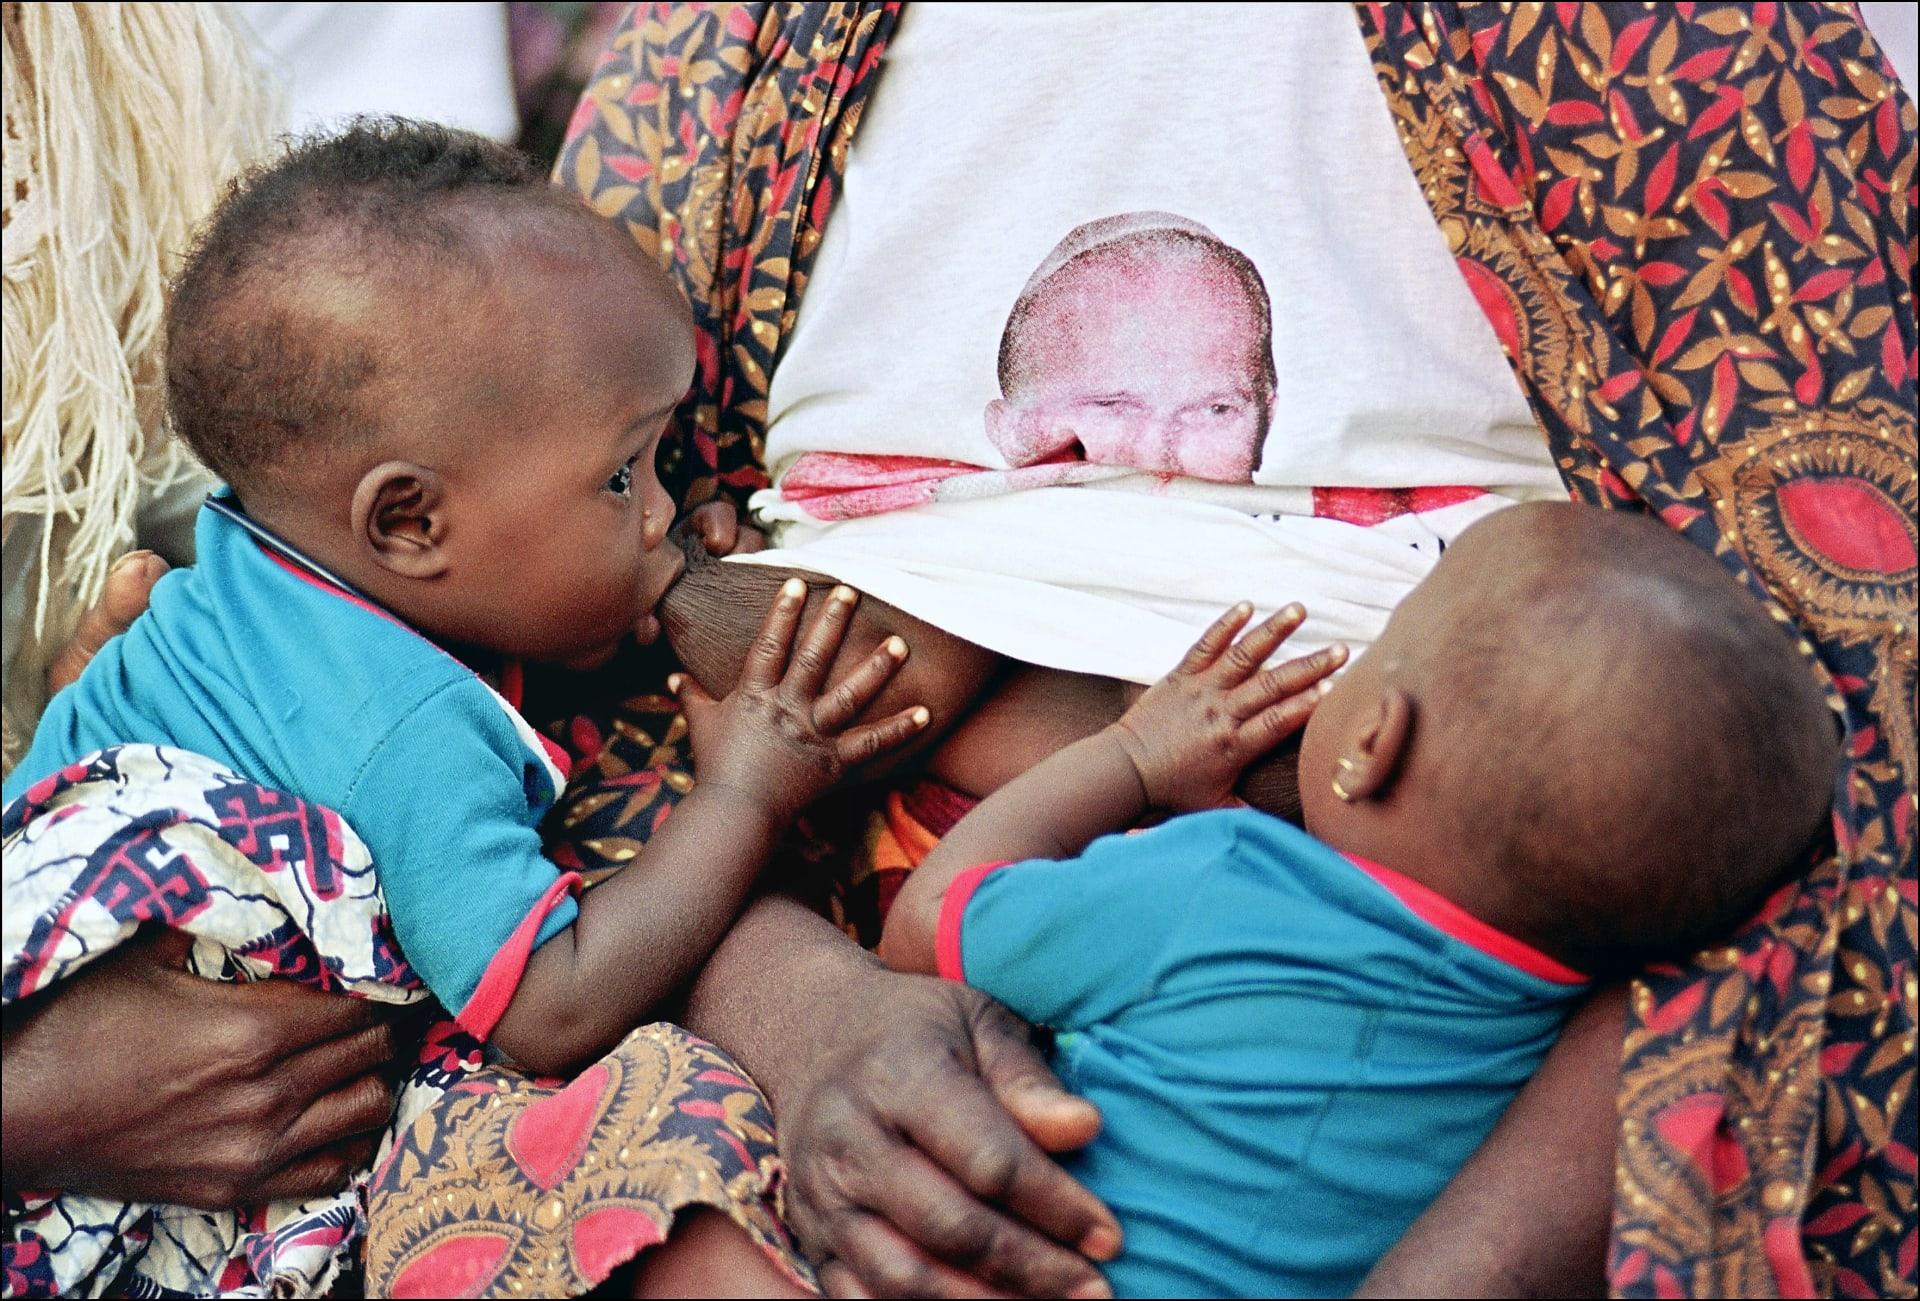 البابا فرنسيس يحض الأمهات على الرضاعة الطبيعية حتى علنا وفي الكنائس